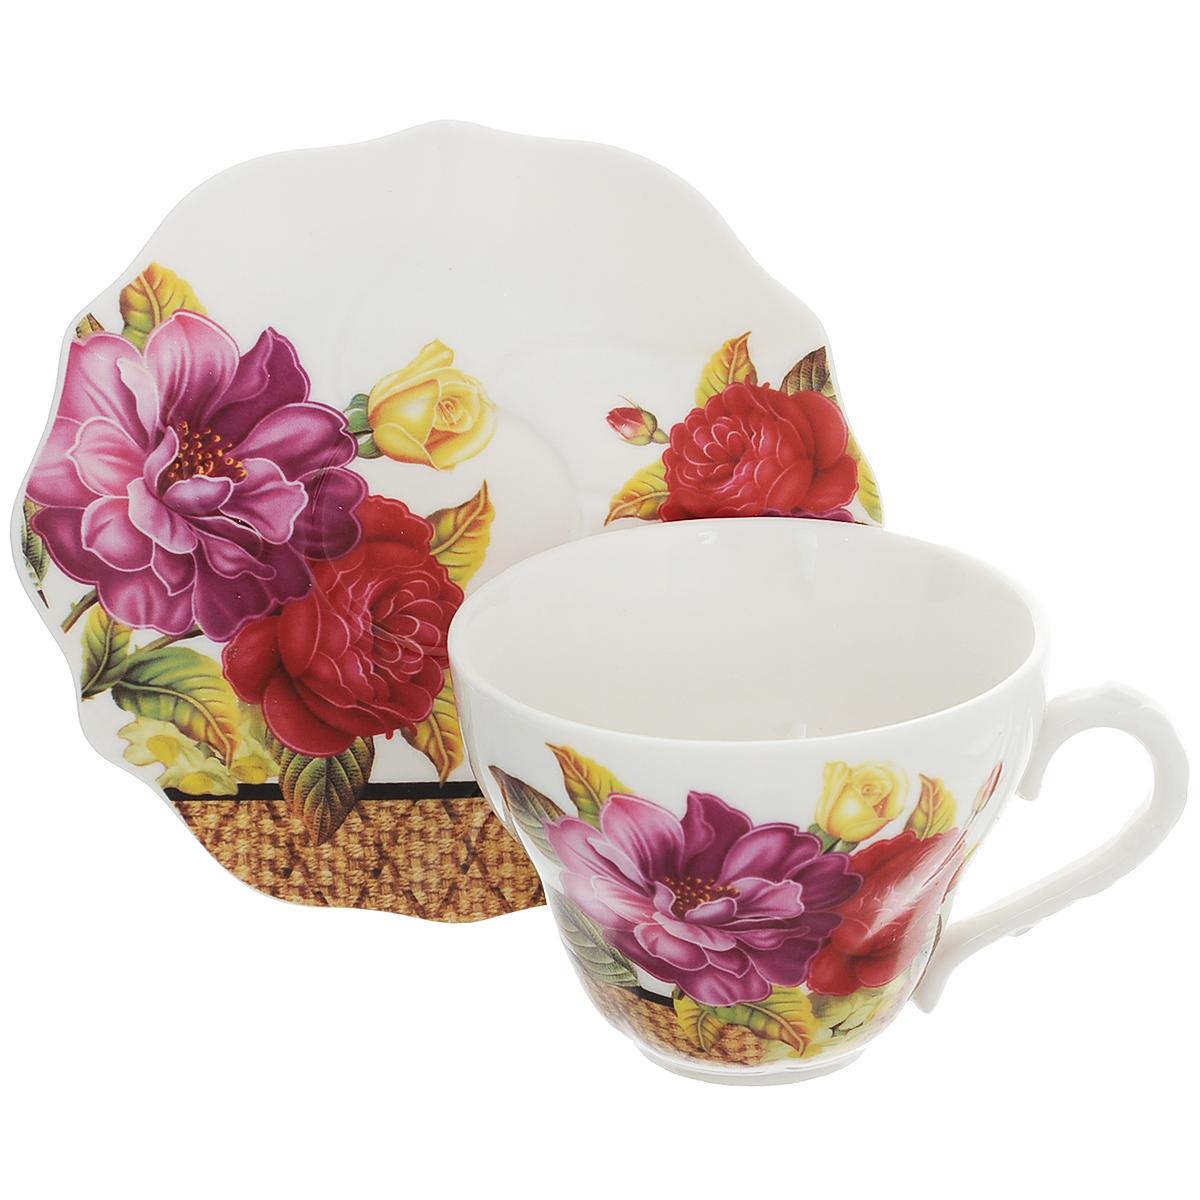 Набор чайный Briswild Японский пион, 2 предмета. 516-067 briswild набор чайный 2 пр лимония 250 мл